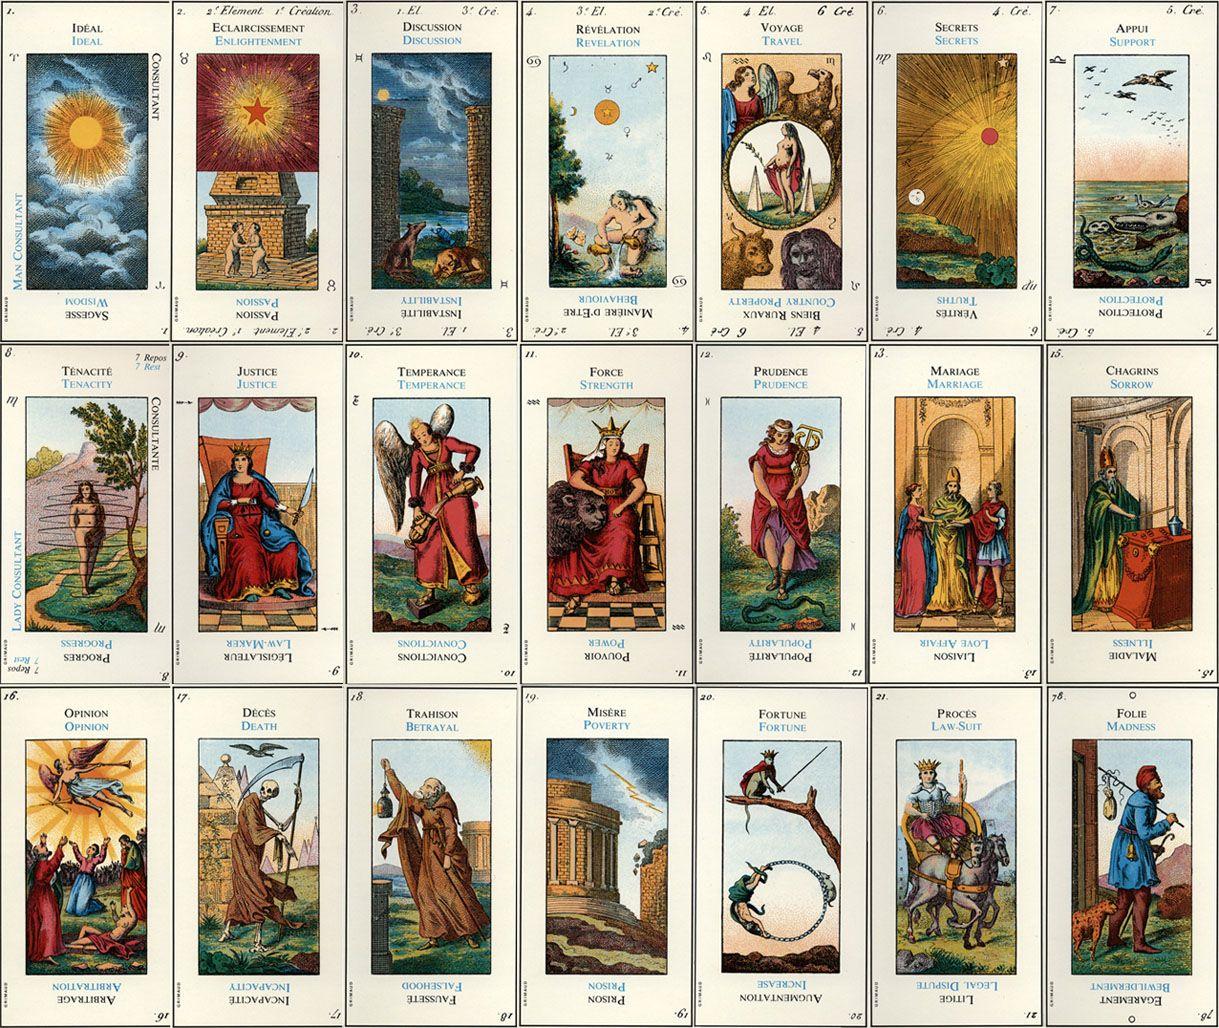 El tarot etteilla lectura del tarot gratis lectura de cartas gratis diy tarot pinterest - El espejo tarot gratis ...